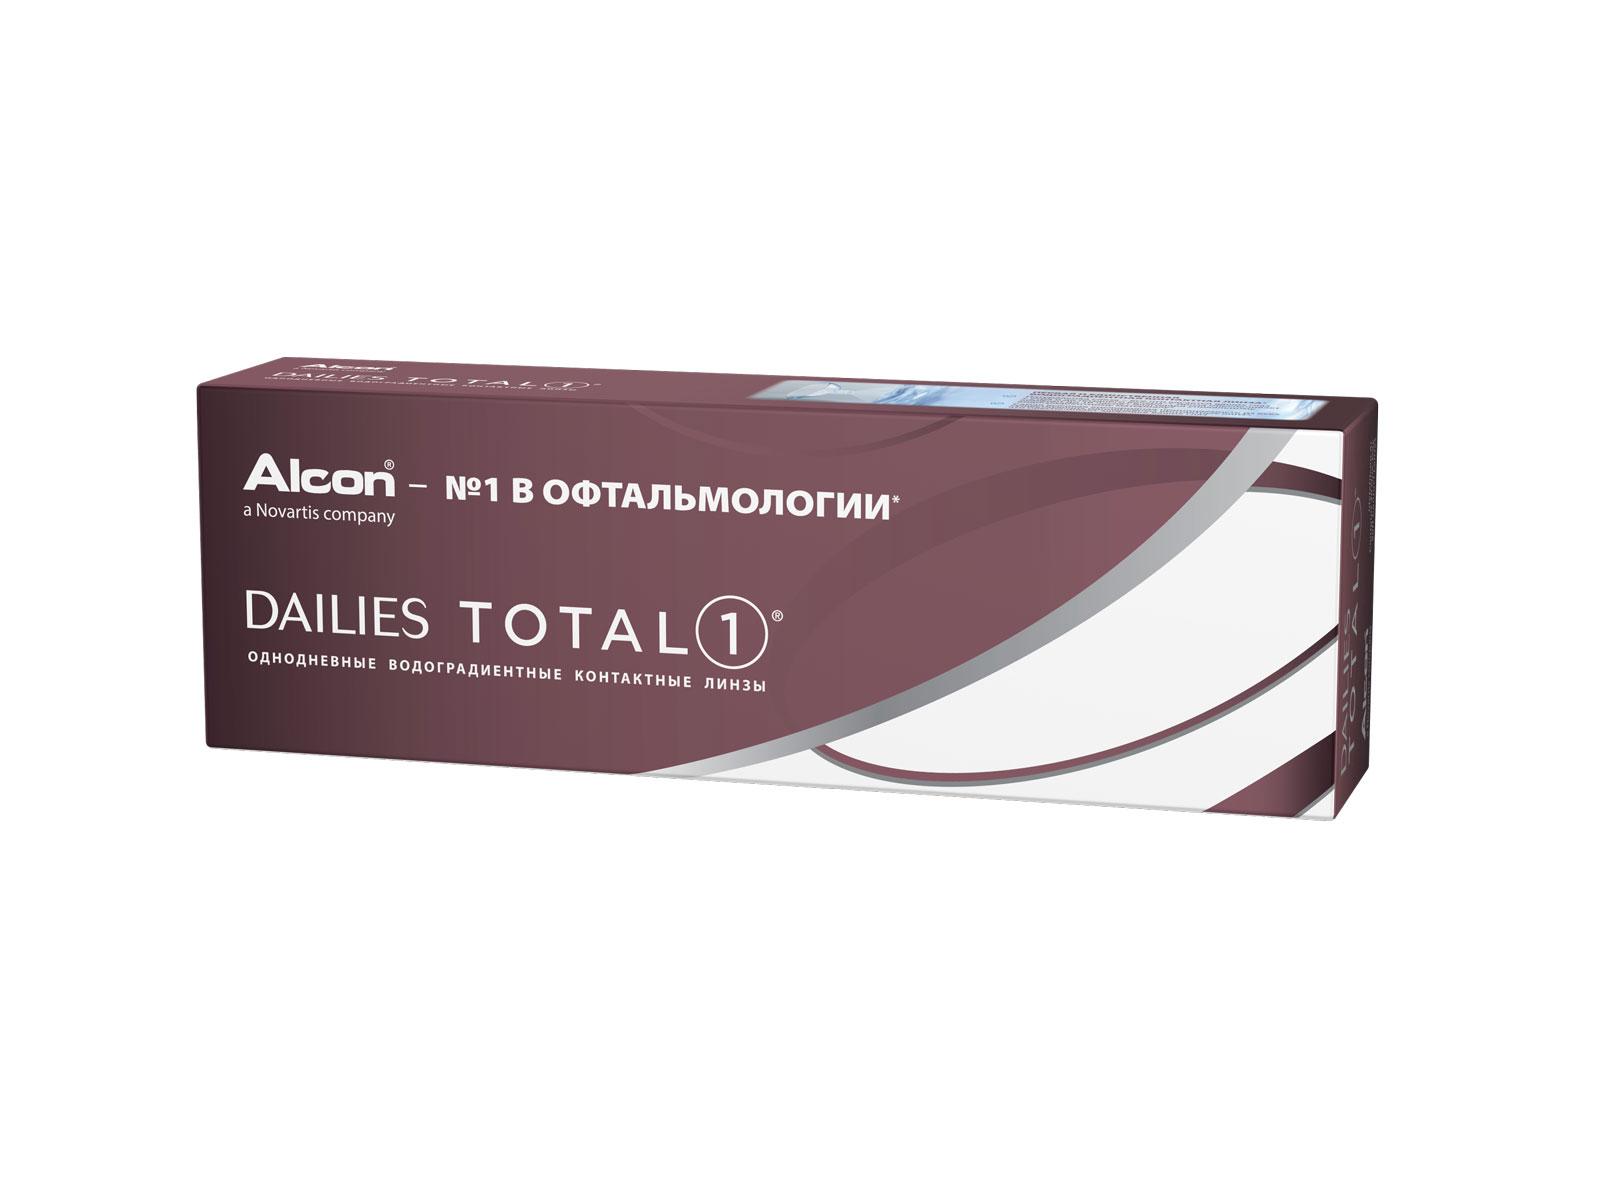 Alcon контактные линзы Dailies Total 1 30pk /-4.25 / 8.5 / 14.1100020749Dailies Total 1 – линзы, которые не чувствуешь с утра и до поздного вечера. Эти однодневные контактные линзы выполнены из уникального водоградиентного материала, багодаря которому натуральная слеза – это все, что касается ваших глаз. Почти 100% влаги на поверхности обеспечивают непревзойденный комфорт до 16 часов ношения.